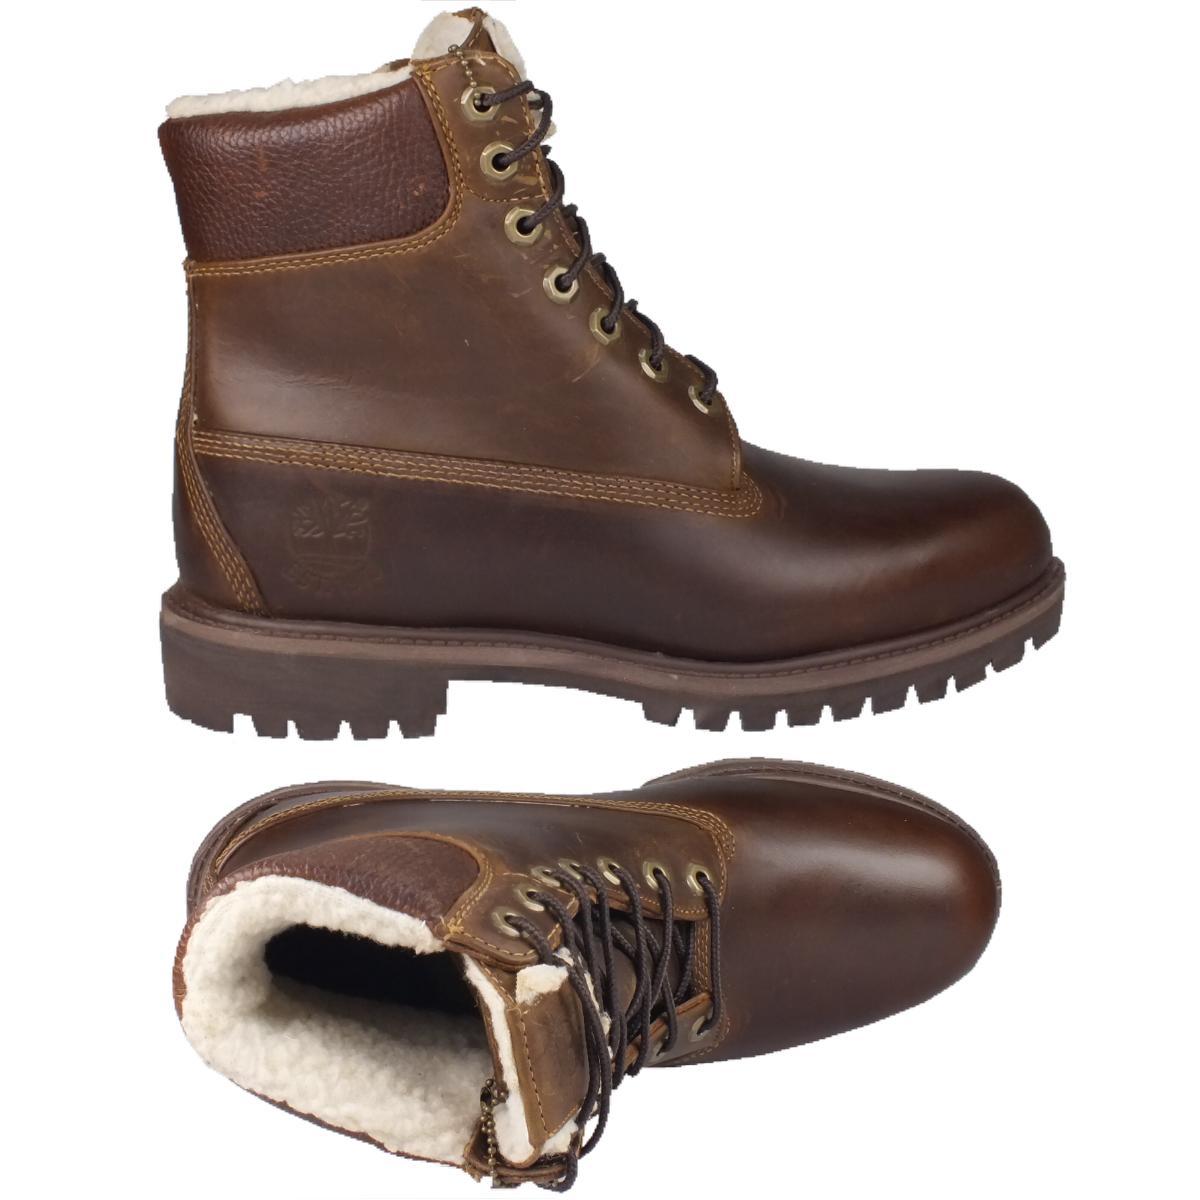 timberland 6 inch fleece boots herren schuhe stiefel winterstiefel gef ttert ebay. Black Bedroom Furniture Sets. Home Design Ideas